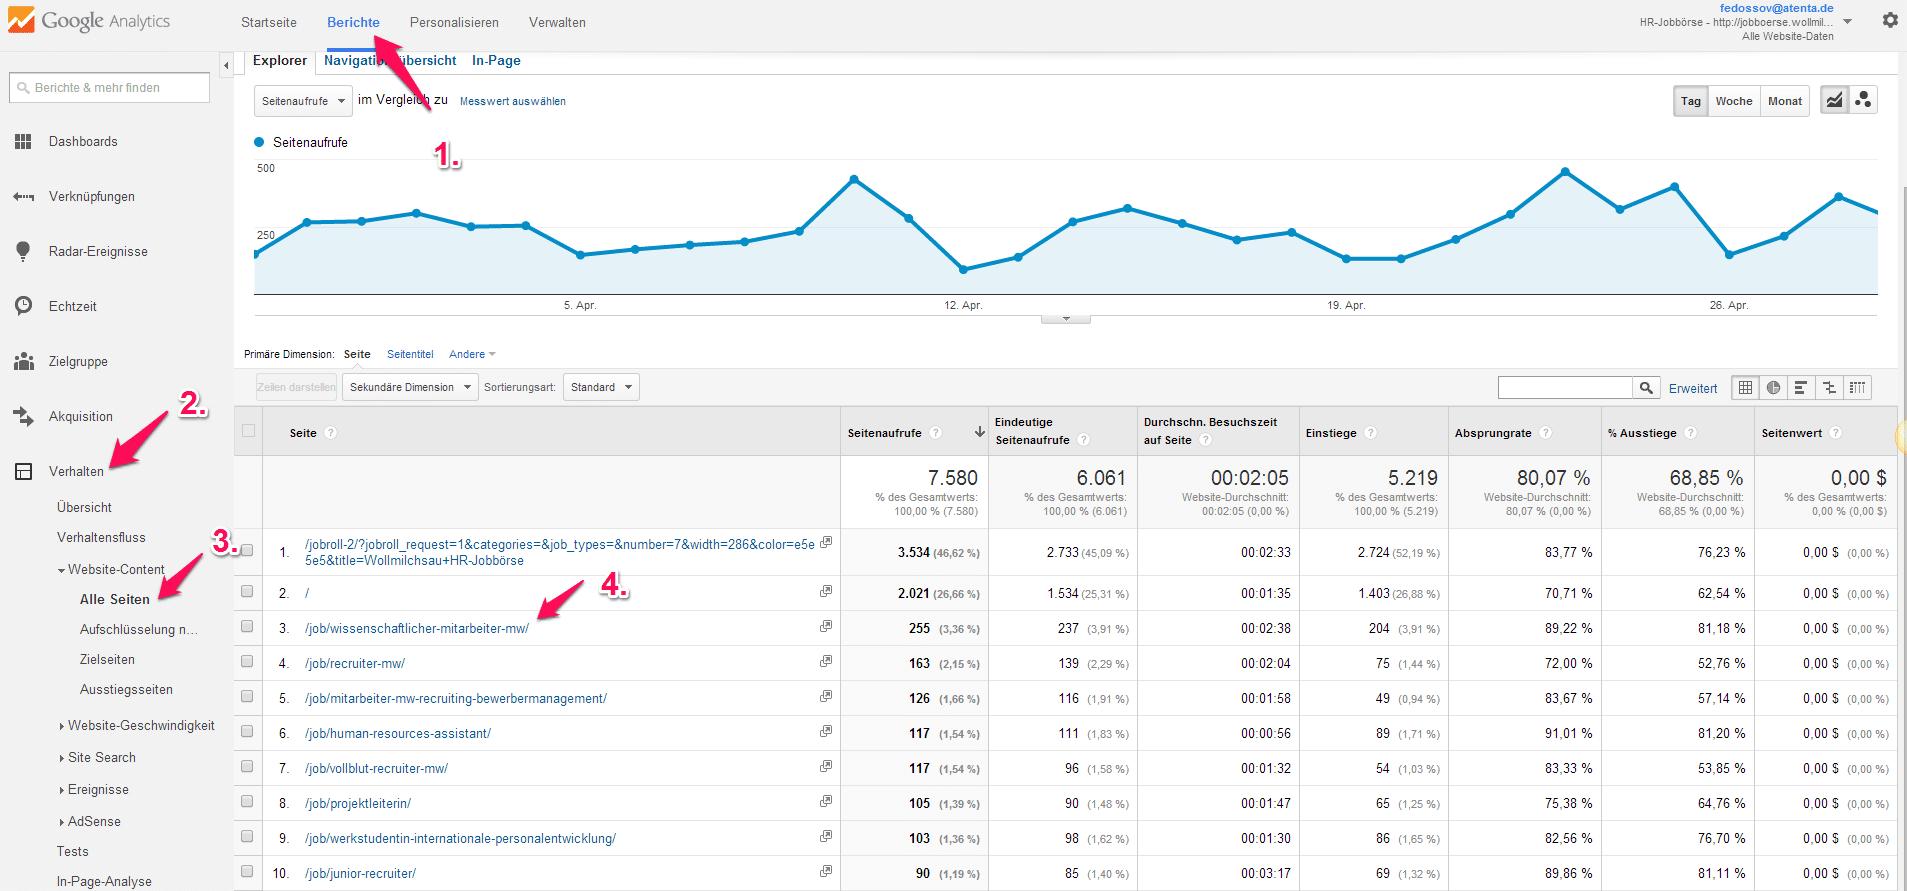 Besonders relevant ist Google Analytics für Personaler bei der Auswertung von Klicks auf einzelne Stellenanzeigen.